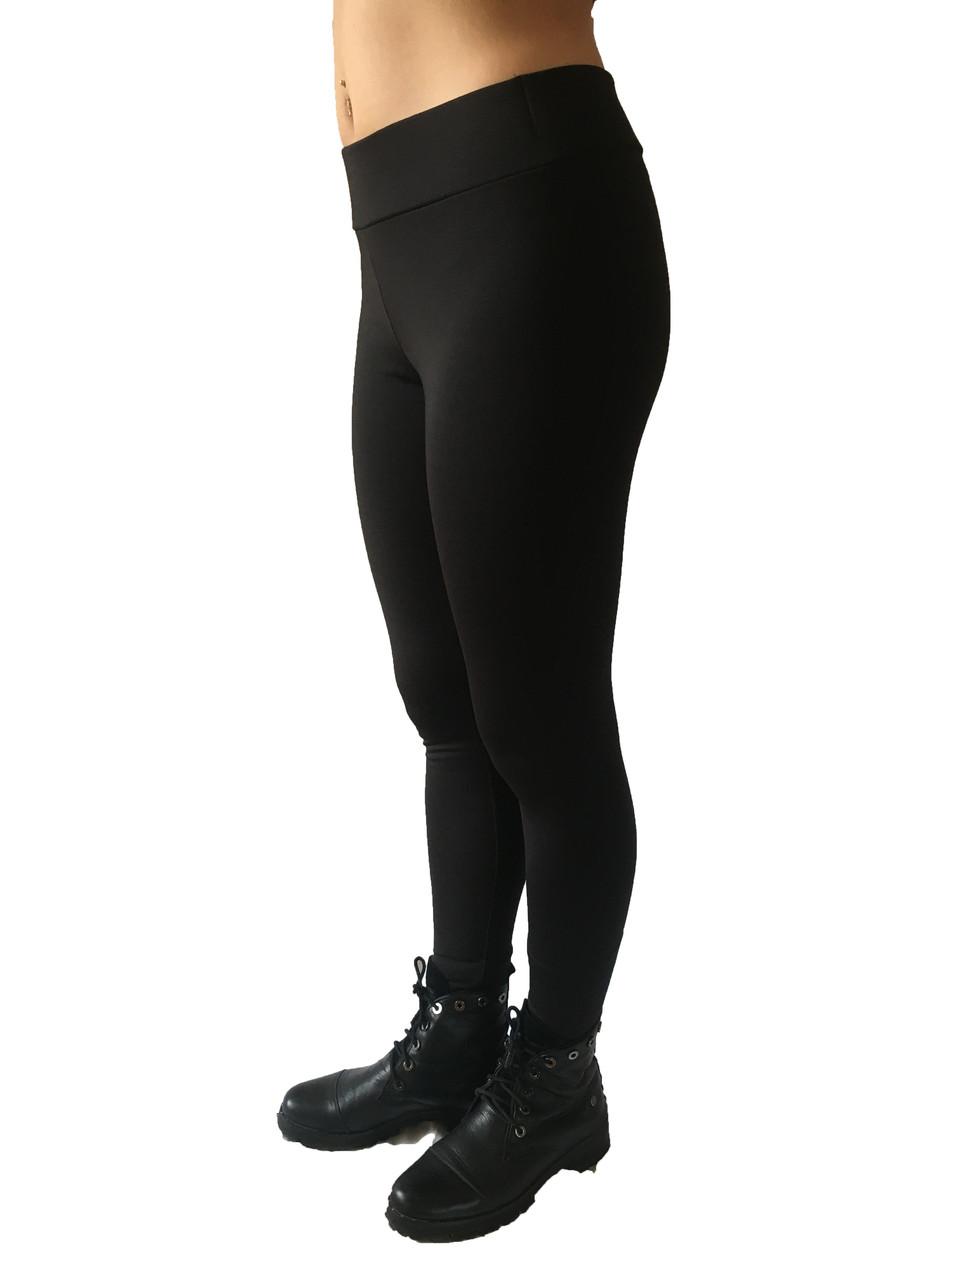 Брючные лосины  микродайвинг с начесом № 160 стрейч черные  норма